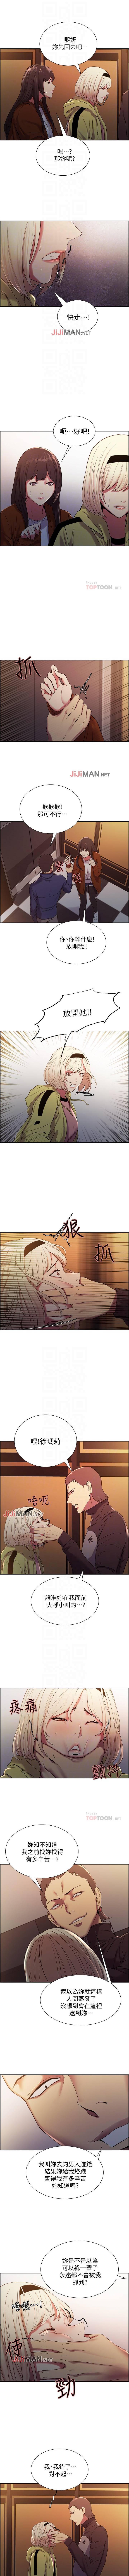 【周二连载】室友招募中(作者:Serious) 第1~15话 94